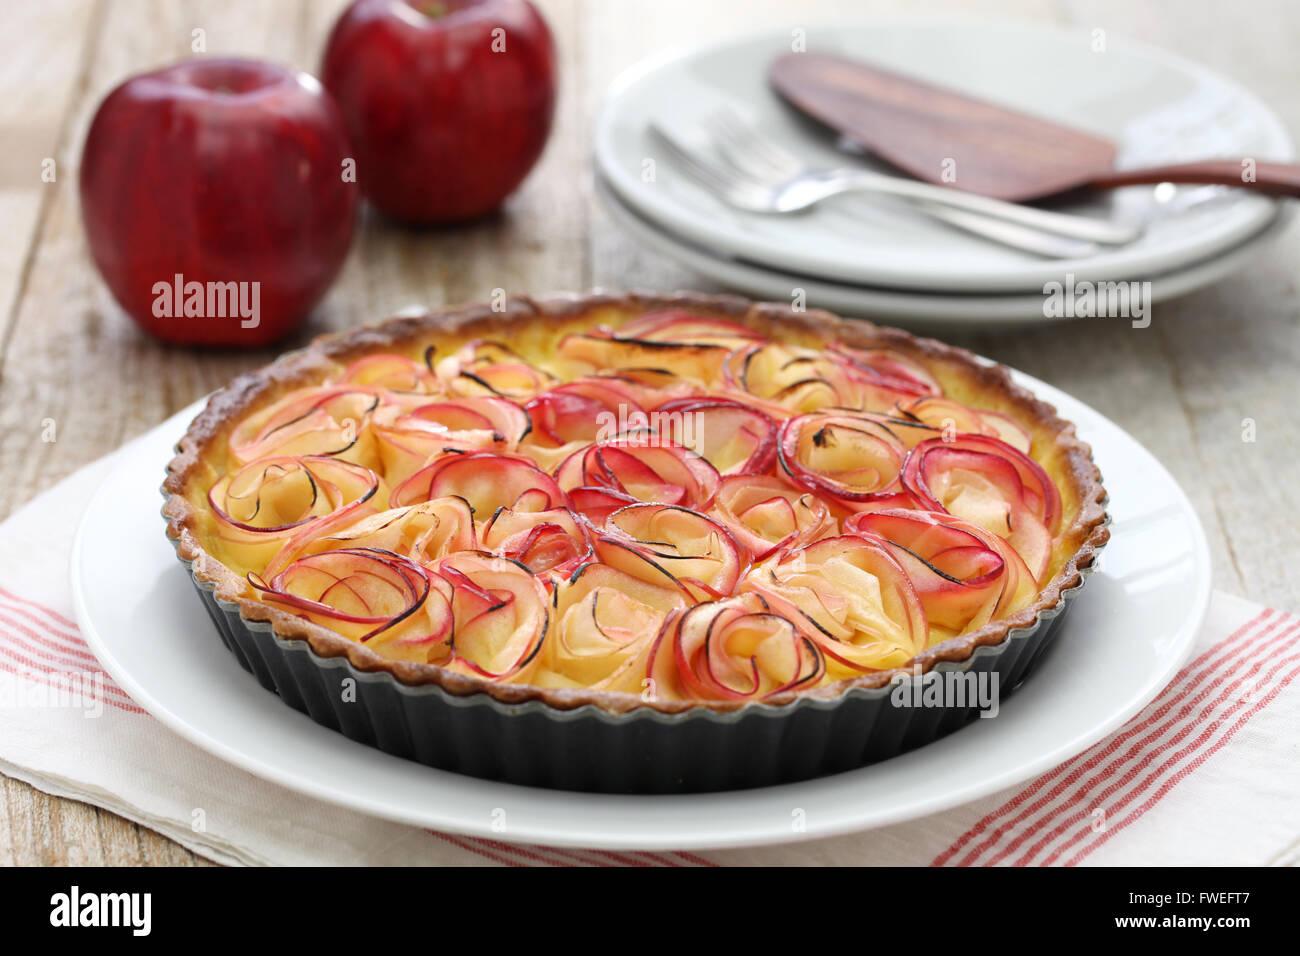 Comme la tarte aux pommes bouquet de roses Photo Stock